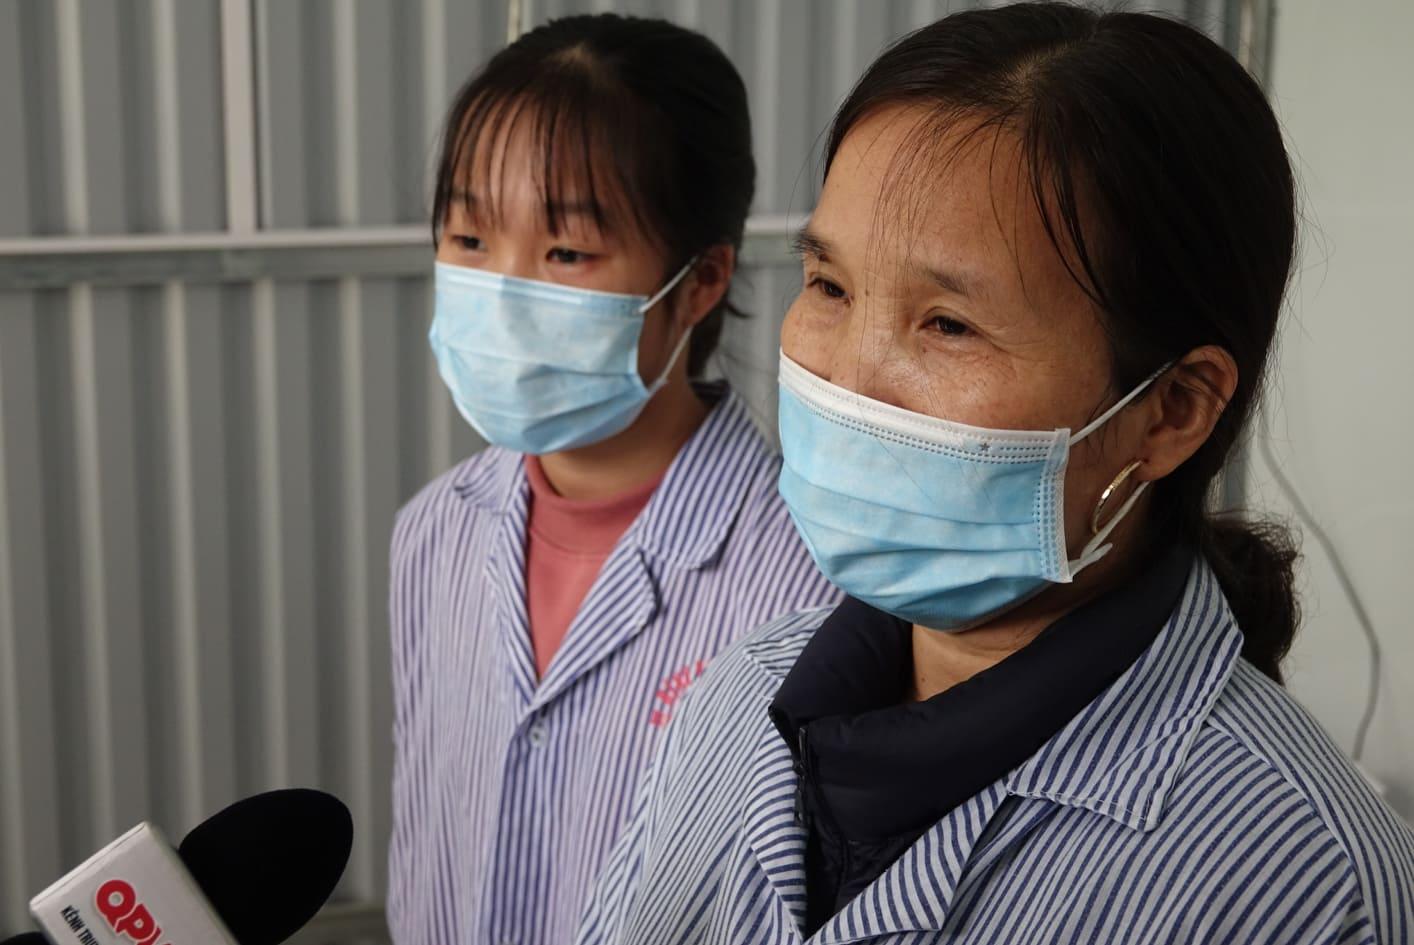 Bà P. nói lời cảm ơn các bác sĩ đã điều trị khỏi bệnh cho hai mẹ con